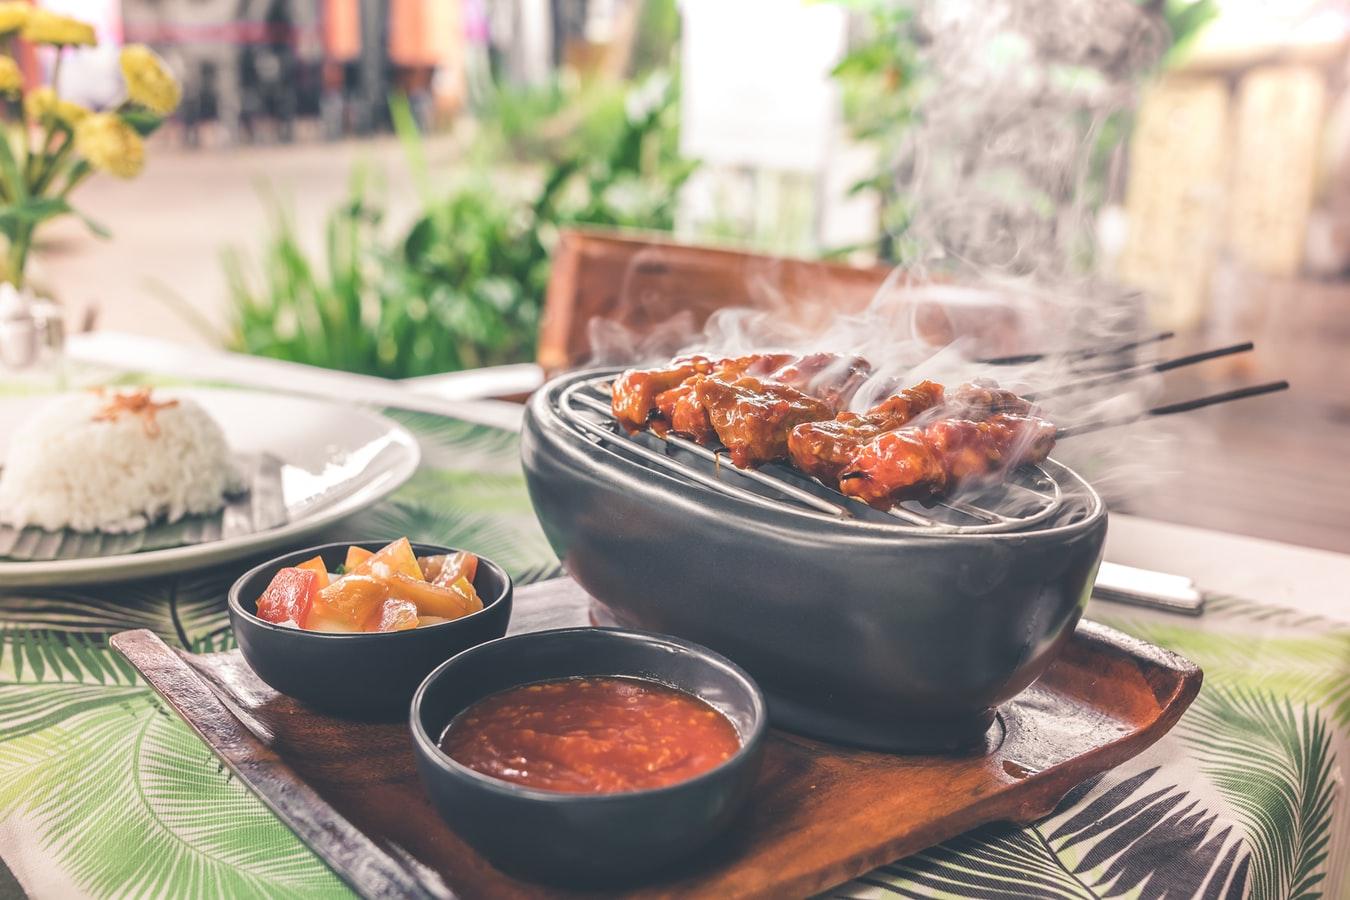 Otrava z jídla není v létě nic neobvyklého. Naučte se jí předcházet